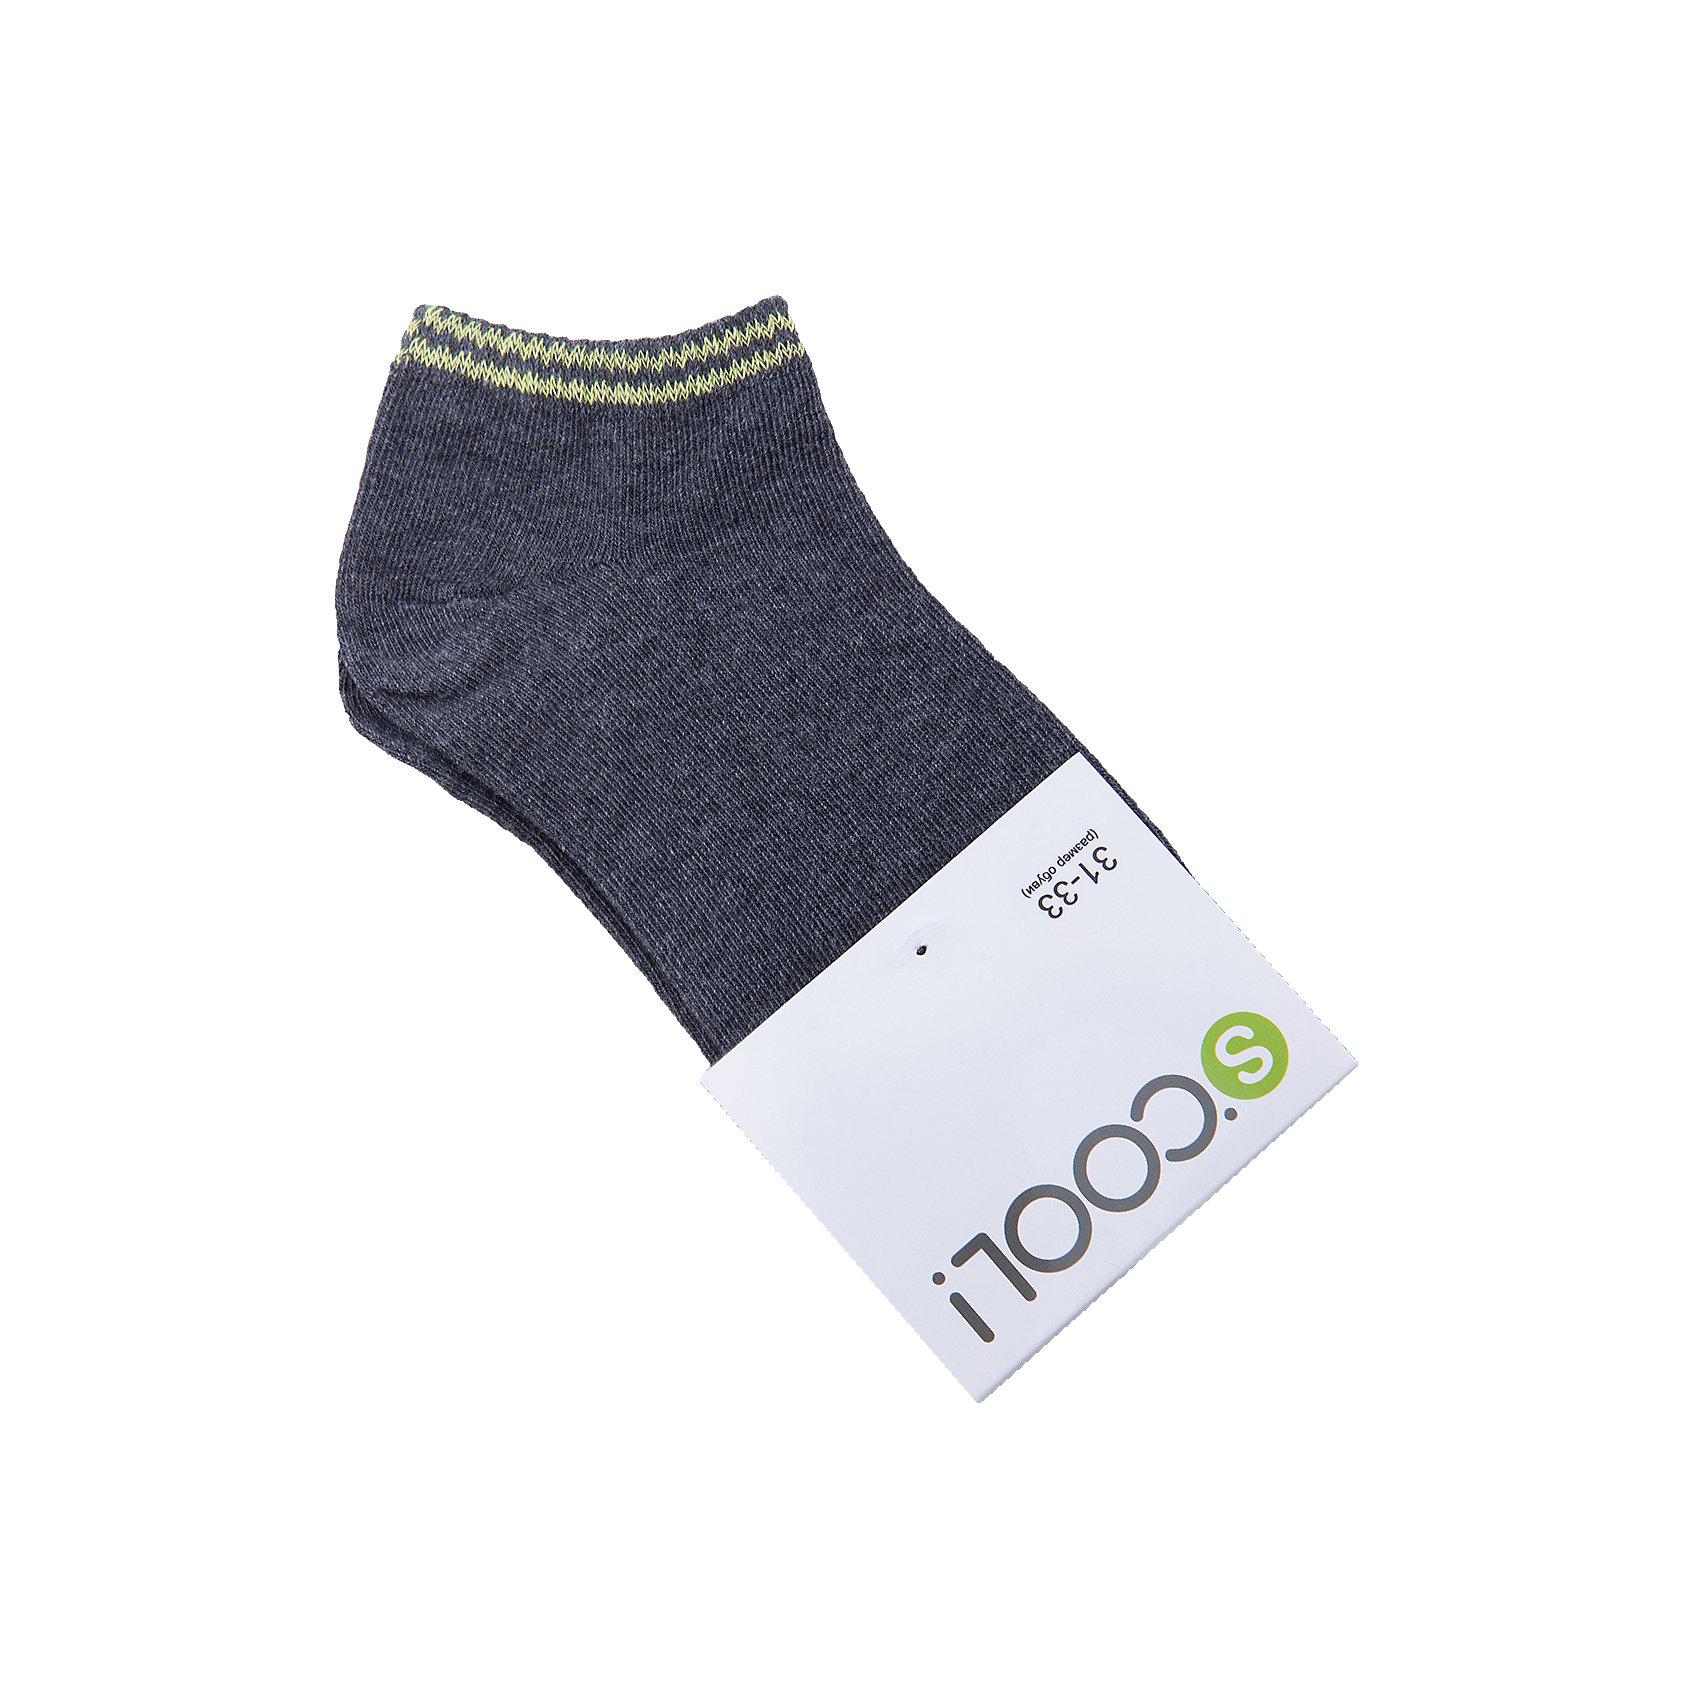 Носки для мальчика ScoolНоски<br>Носки для мальчика Scool<br>Носки очень мягкие, из качественных материалов, приятны к телу и не сковывают движений. Хорошо пропускают воздух, тем самым позволяя коже дышать.  Даже частые стирки, при условии соблюдений рекомендаций по уходу, не изменят ни форму, ни цвет изделий.Преимущества: Мягкие, выполненные из натуральных материалов, приятны к телу, не сковывают движенийХорошо пропускают воздух, позволяя тем самым коже дышатьДаже частые стирки, при условии соблюдений рекомендаций по уходу, не изменят ни форму, ни цвет изделия<br>Состав:<br>75% хлопок, 22% нейлон, 3% эластан<br><br>Ширина мм: 87<br>Глубина мм: 10<br>Высота мм: 105<br>Вес г: 115<br>Цвет: темно-серый<br>Возраст от месяцев: 156<br>Возраст до месяцев: 168<br>Пол: Мужской<br>Возраст: Детский<br>Размер: 24,20,22<br>SKU: 5406802